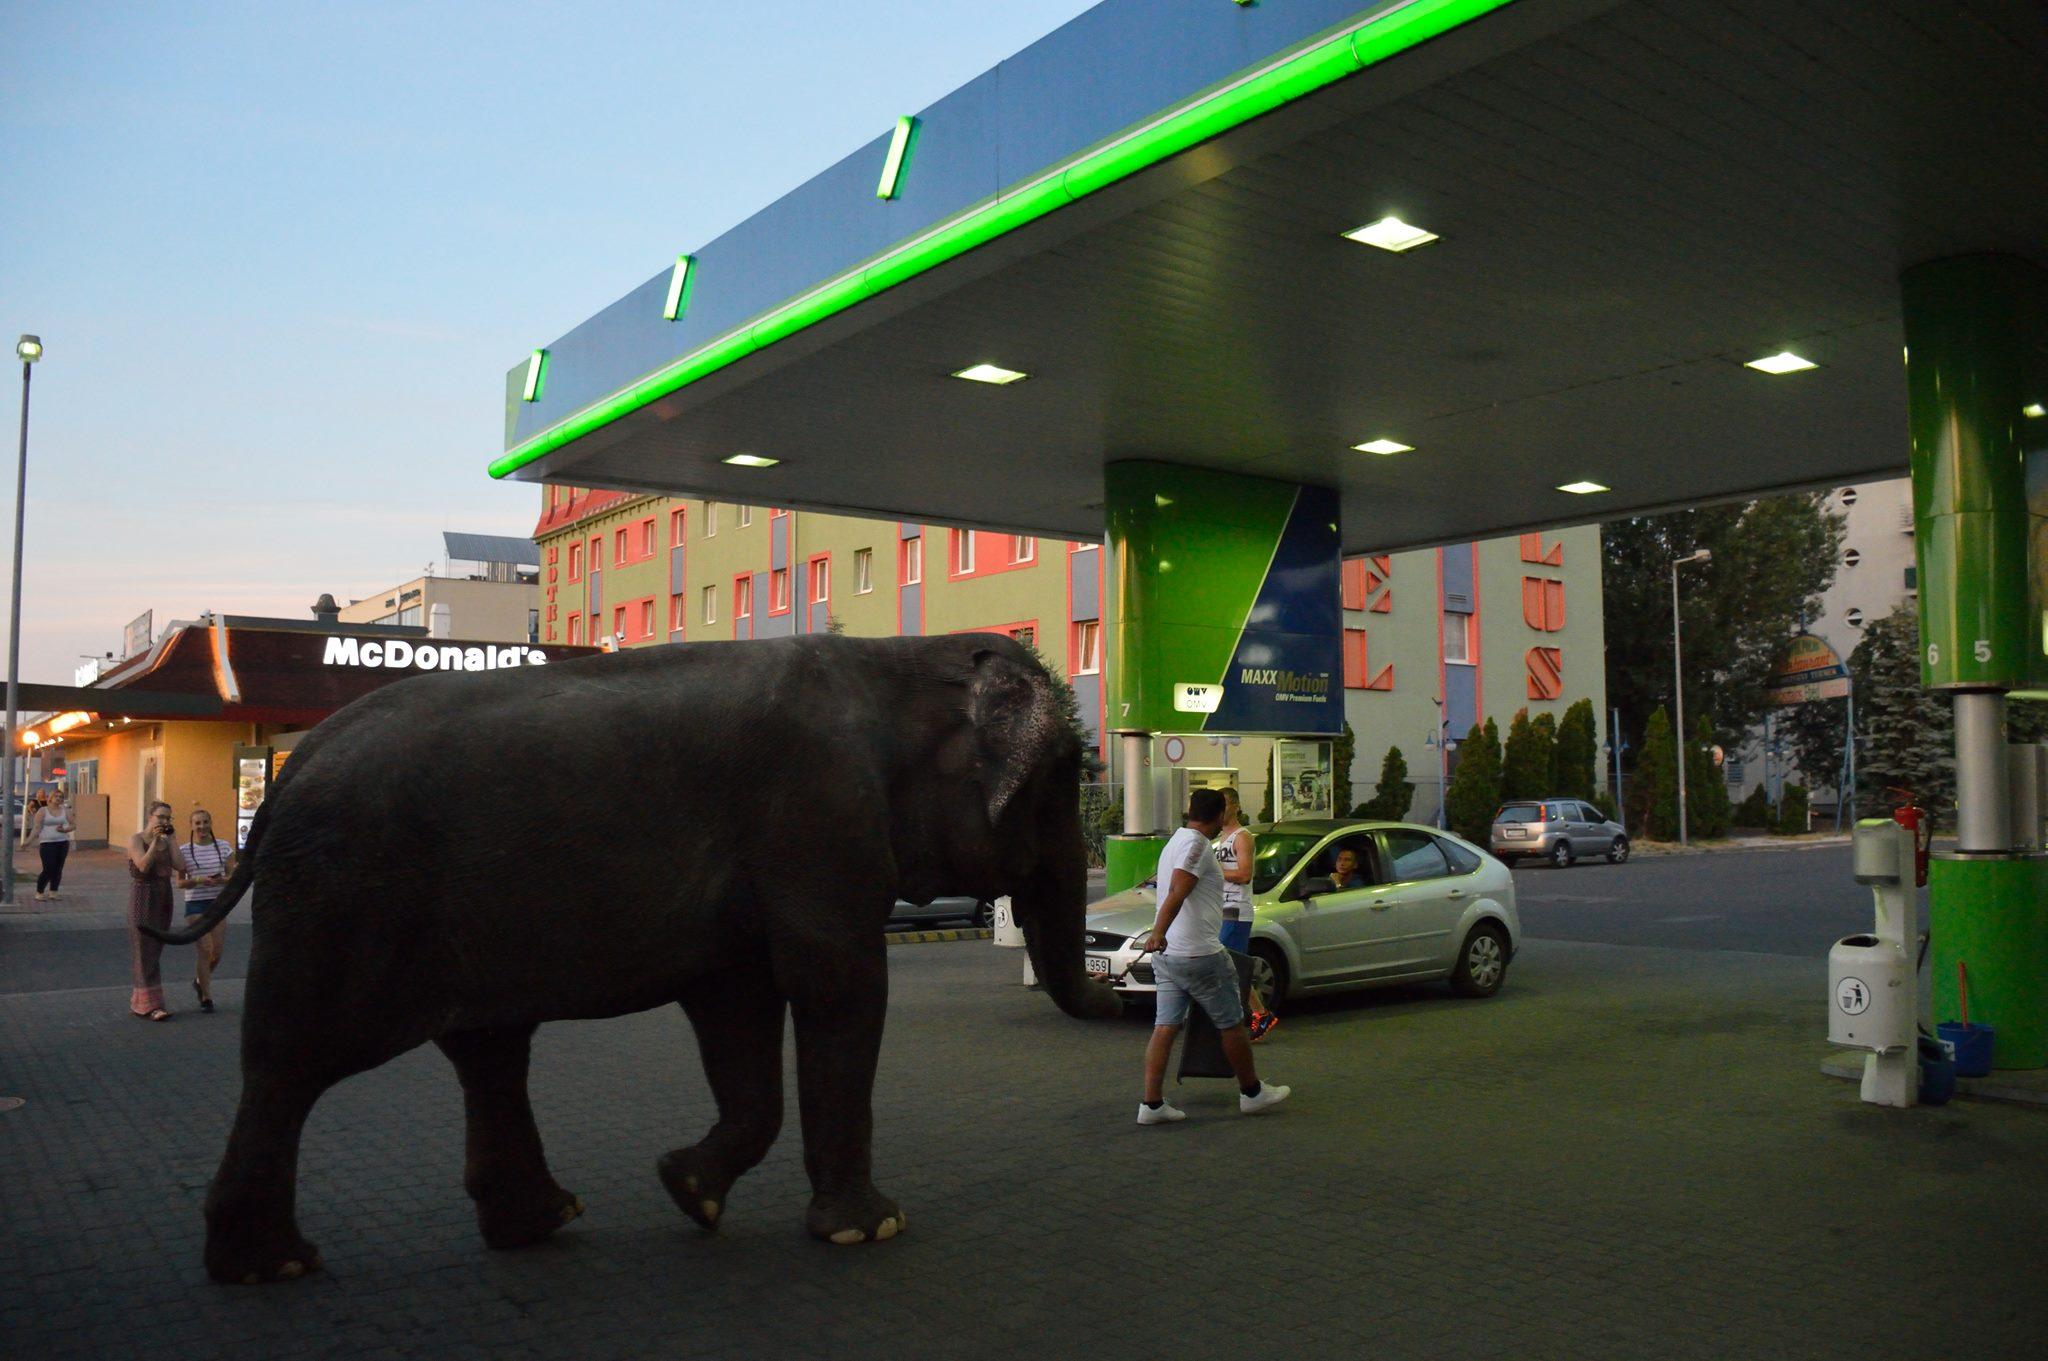 Egy újpalotai benzinkútnál itatta meg az elefántját egy cirkuszi gondozó